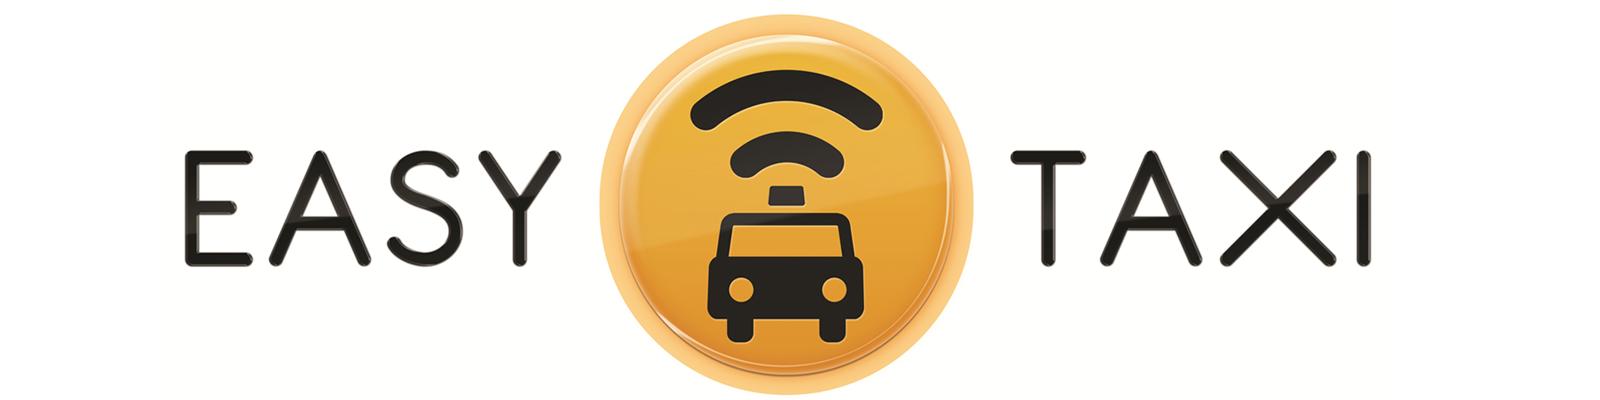 app like easy taxi